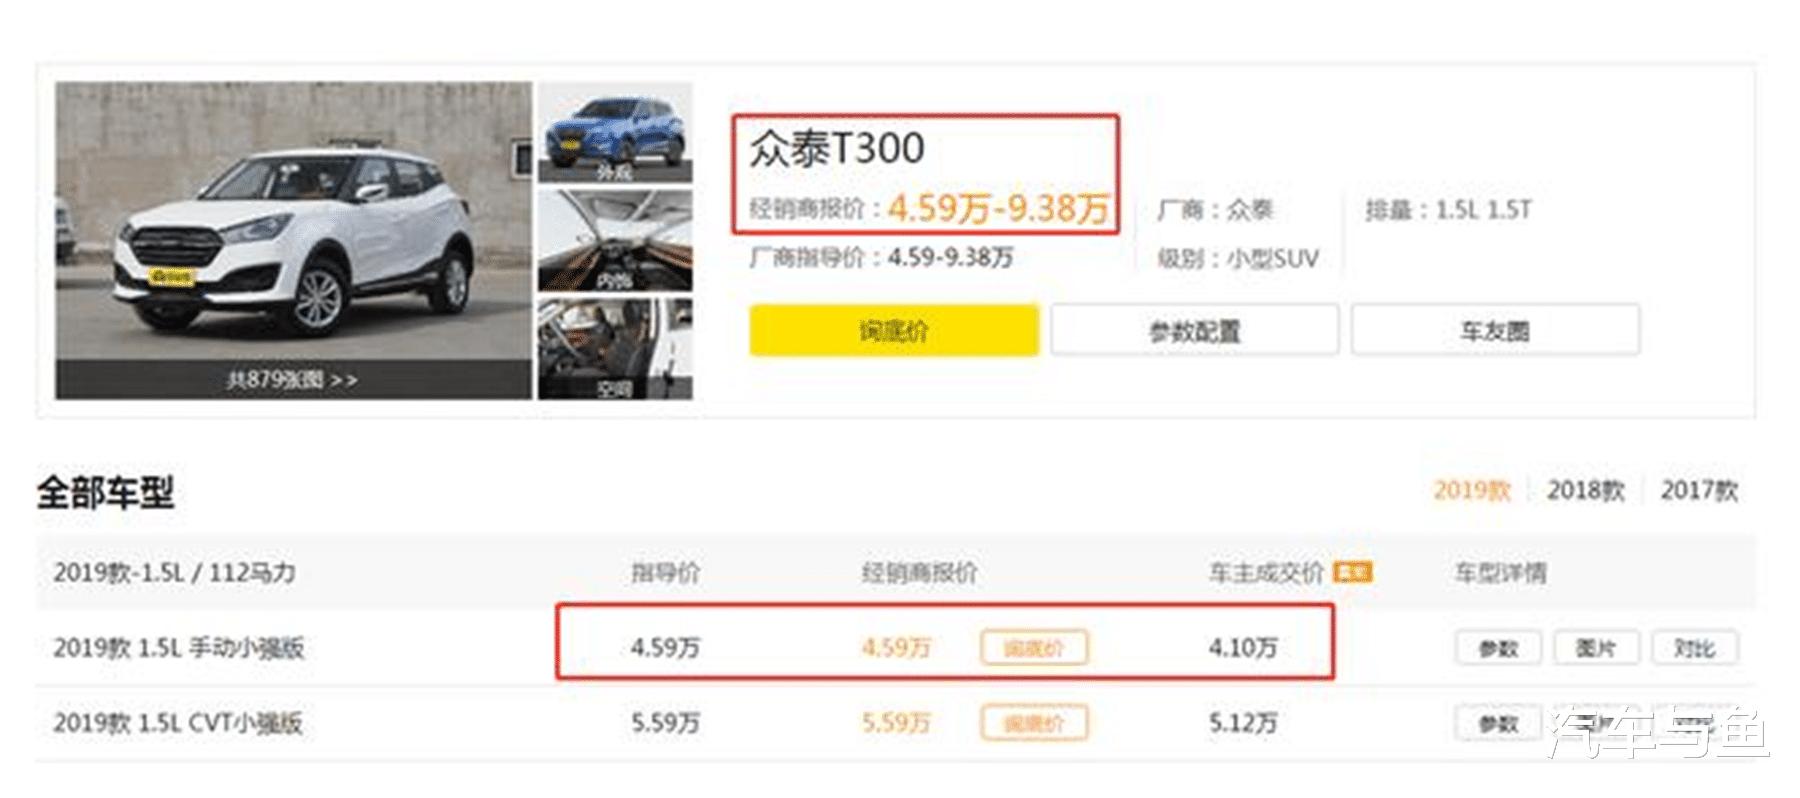 """眾泰打響""""價格戰"""",T300跌至4萬多,真的是被市場逼的嗎?-圖4"""